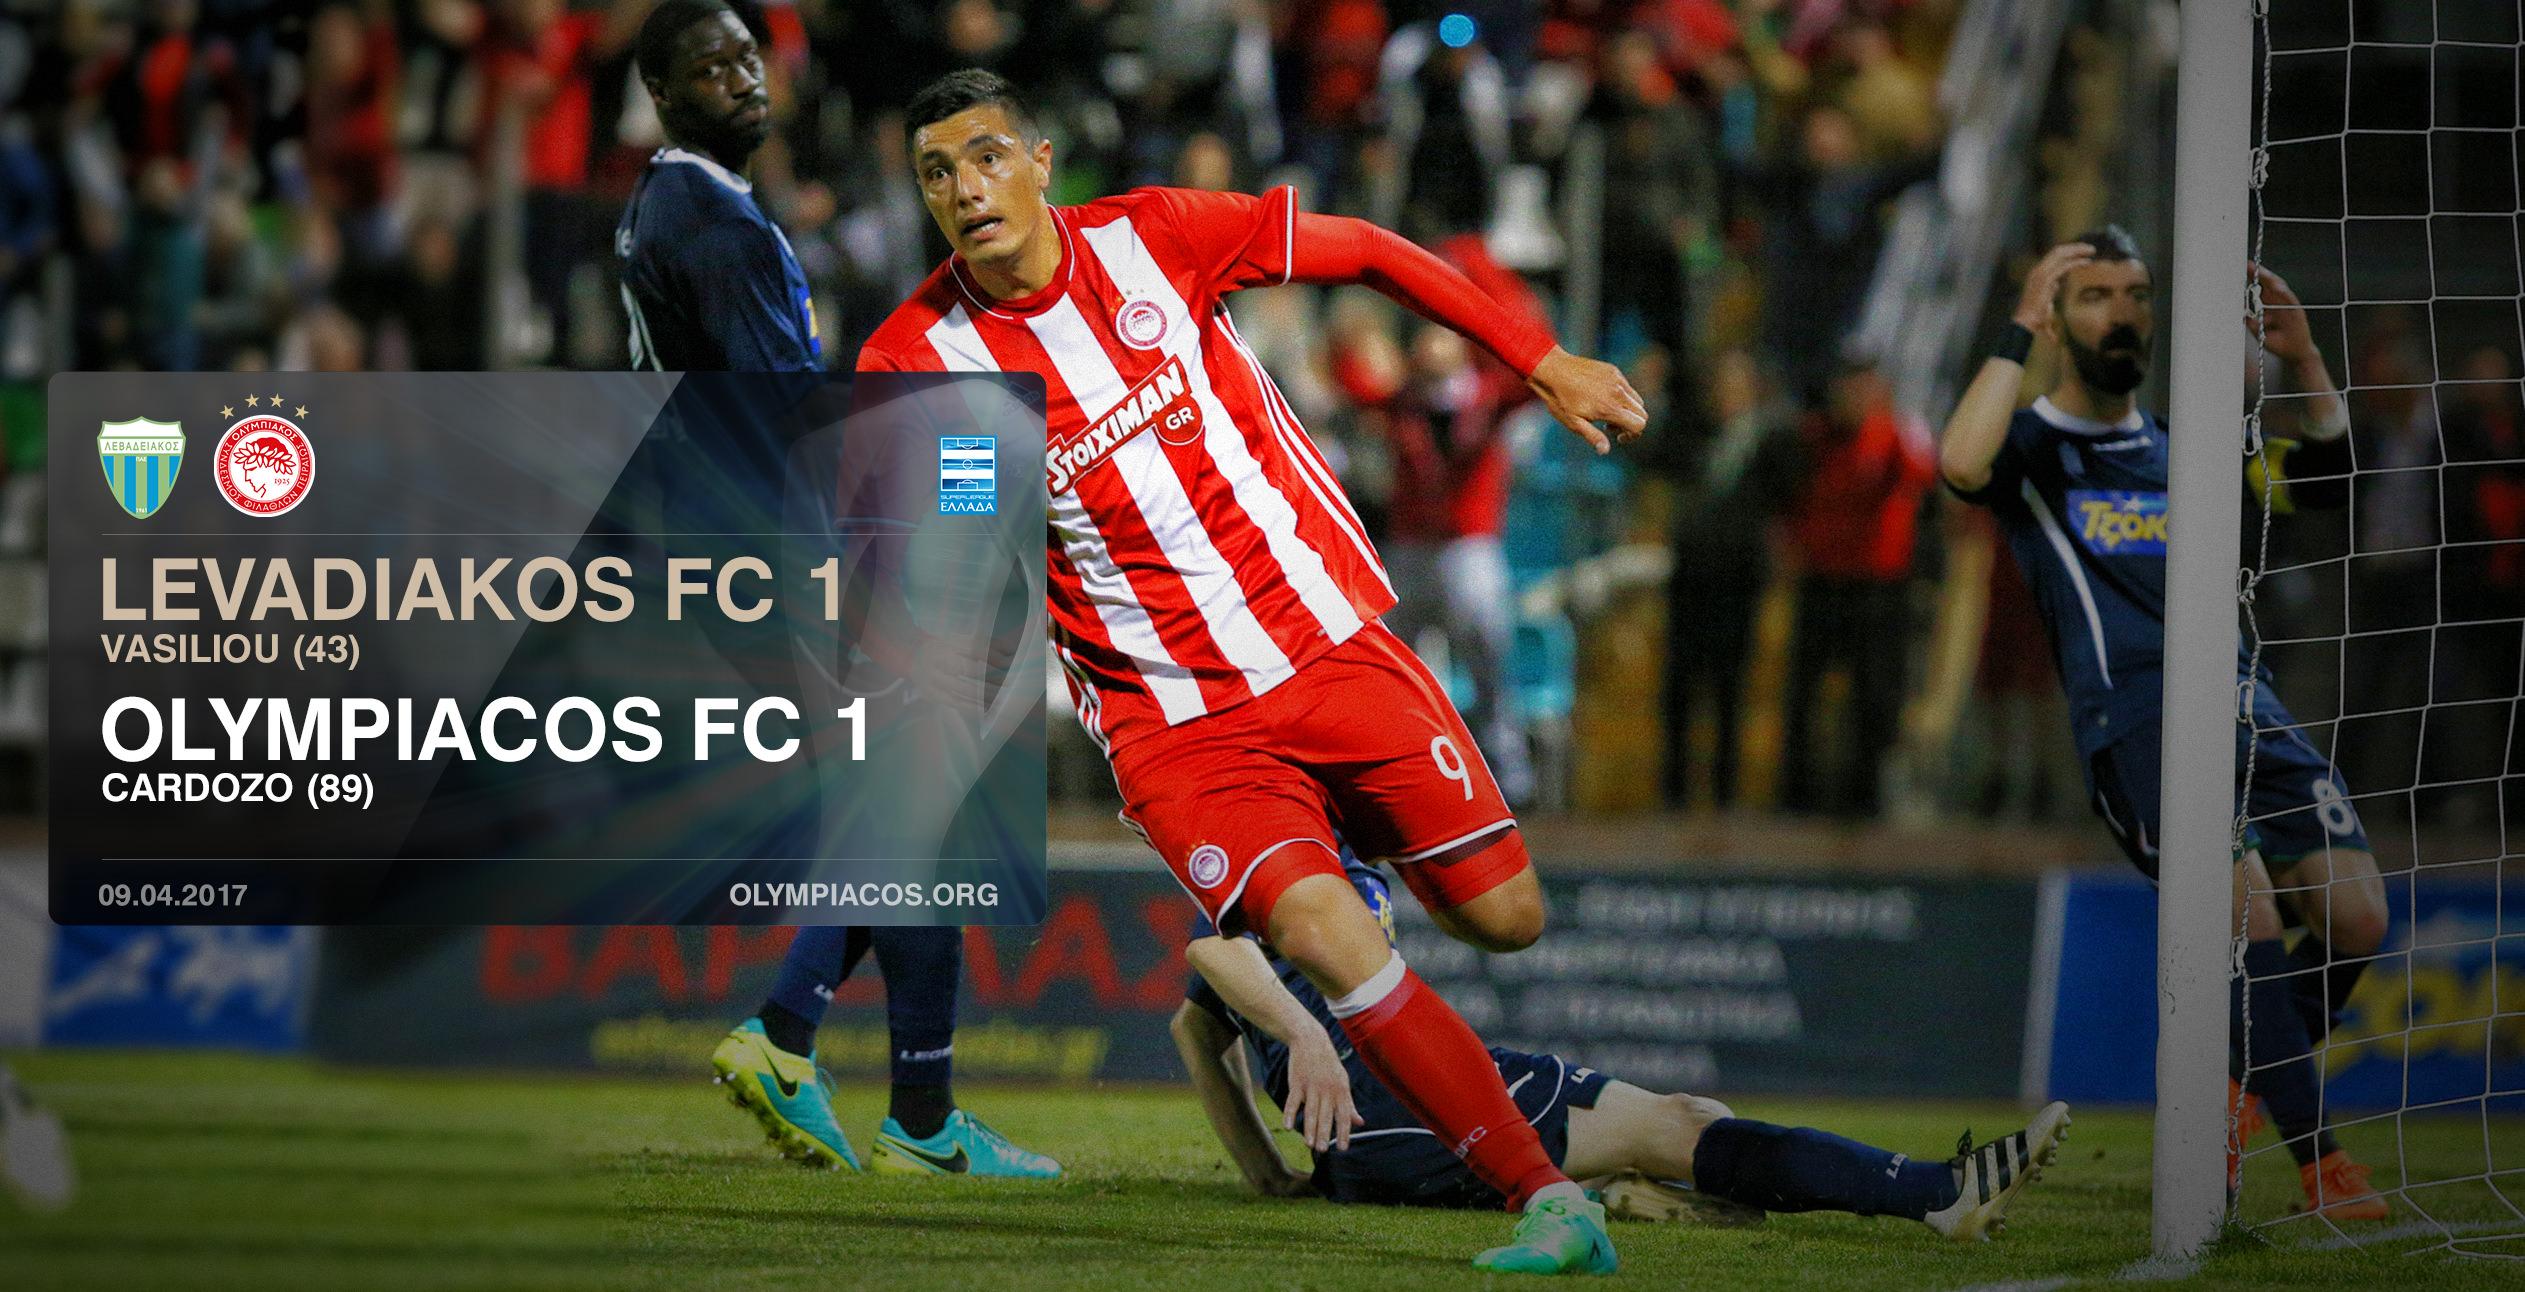 Levadiakos – Olympiacos 1-1